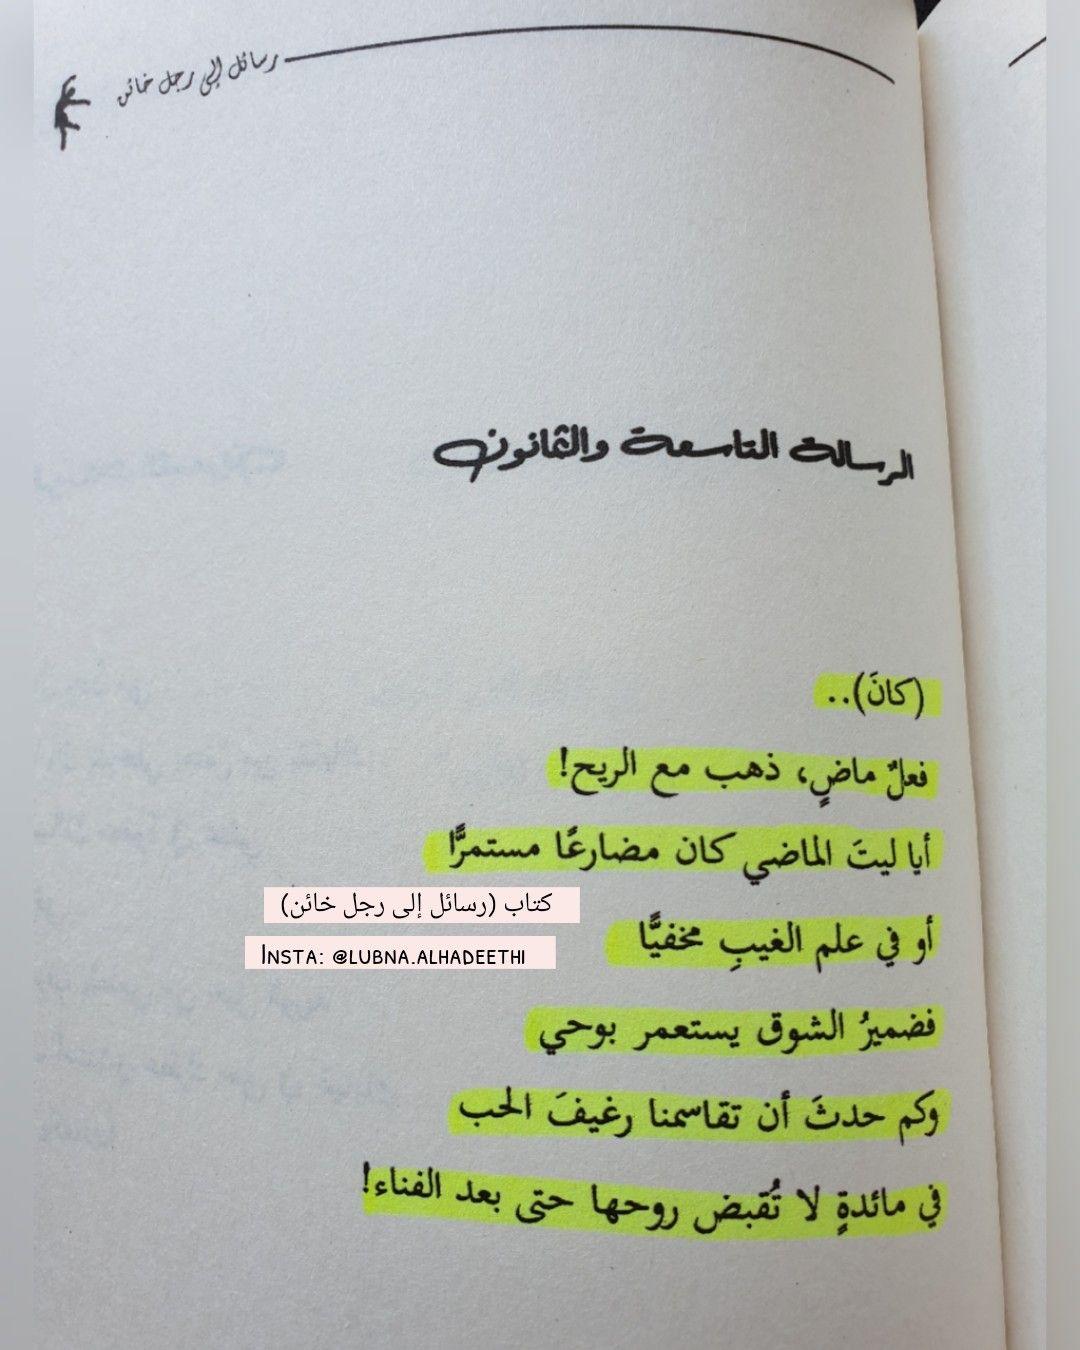 رسائل خيانة رجل حب لبنى الحديثي كلمات كلماتي اقتباسات اقتباس كتب تمبلريات Bullet Journal Journal